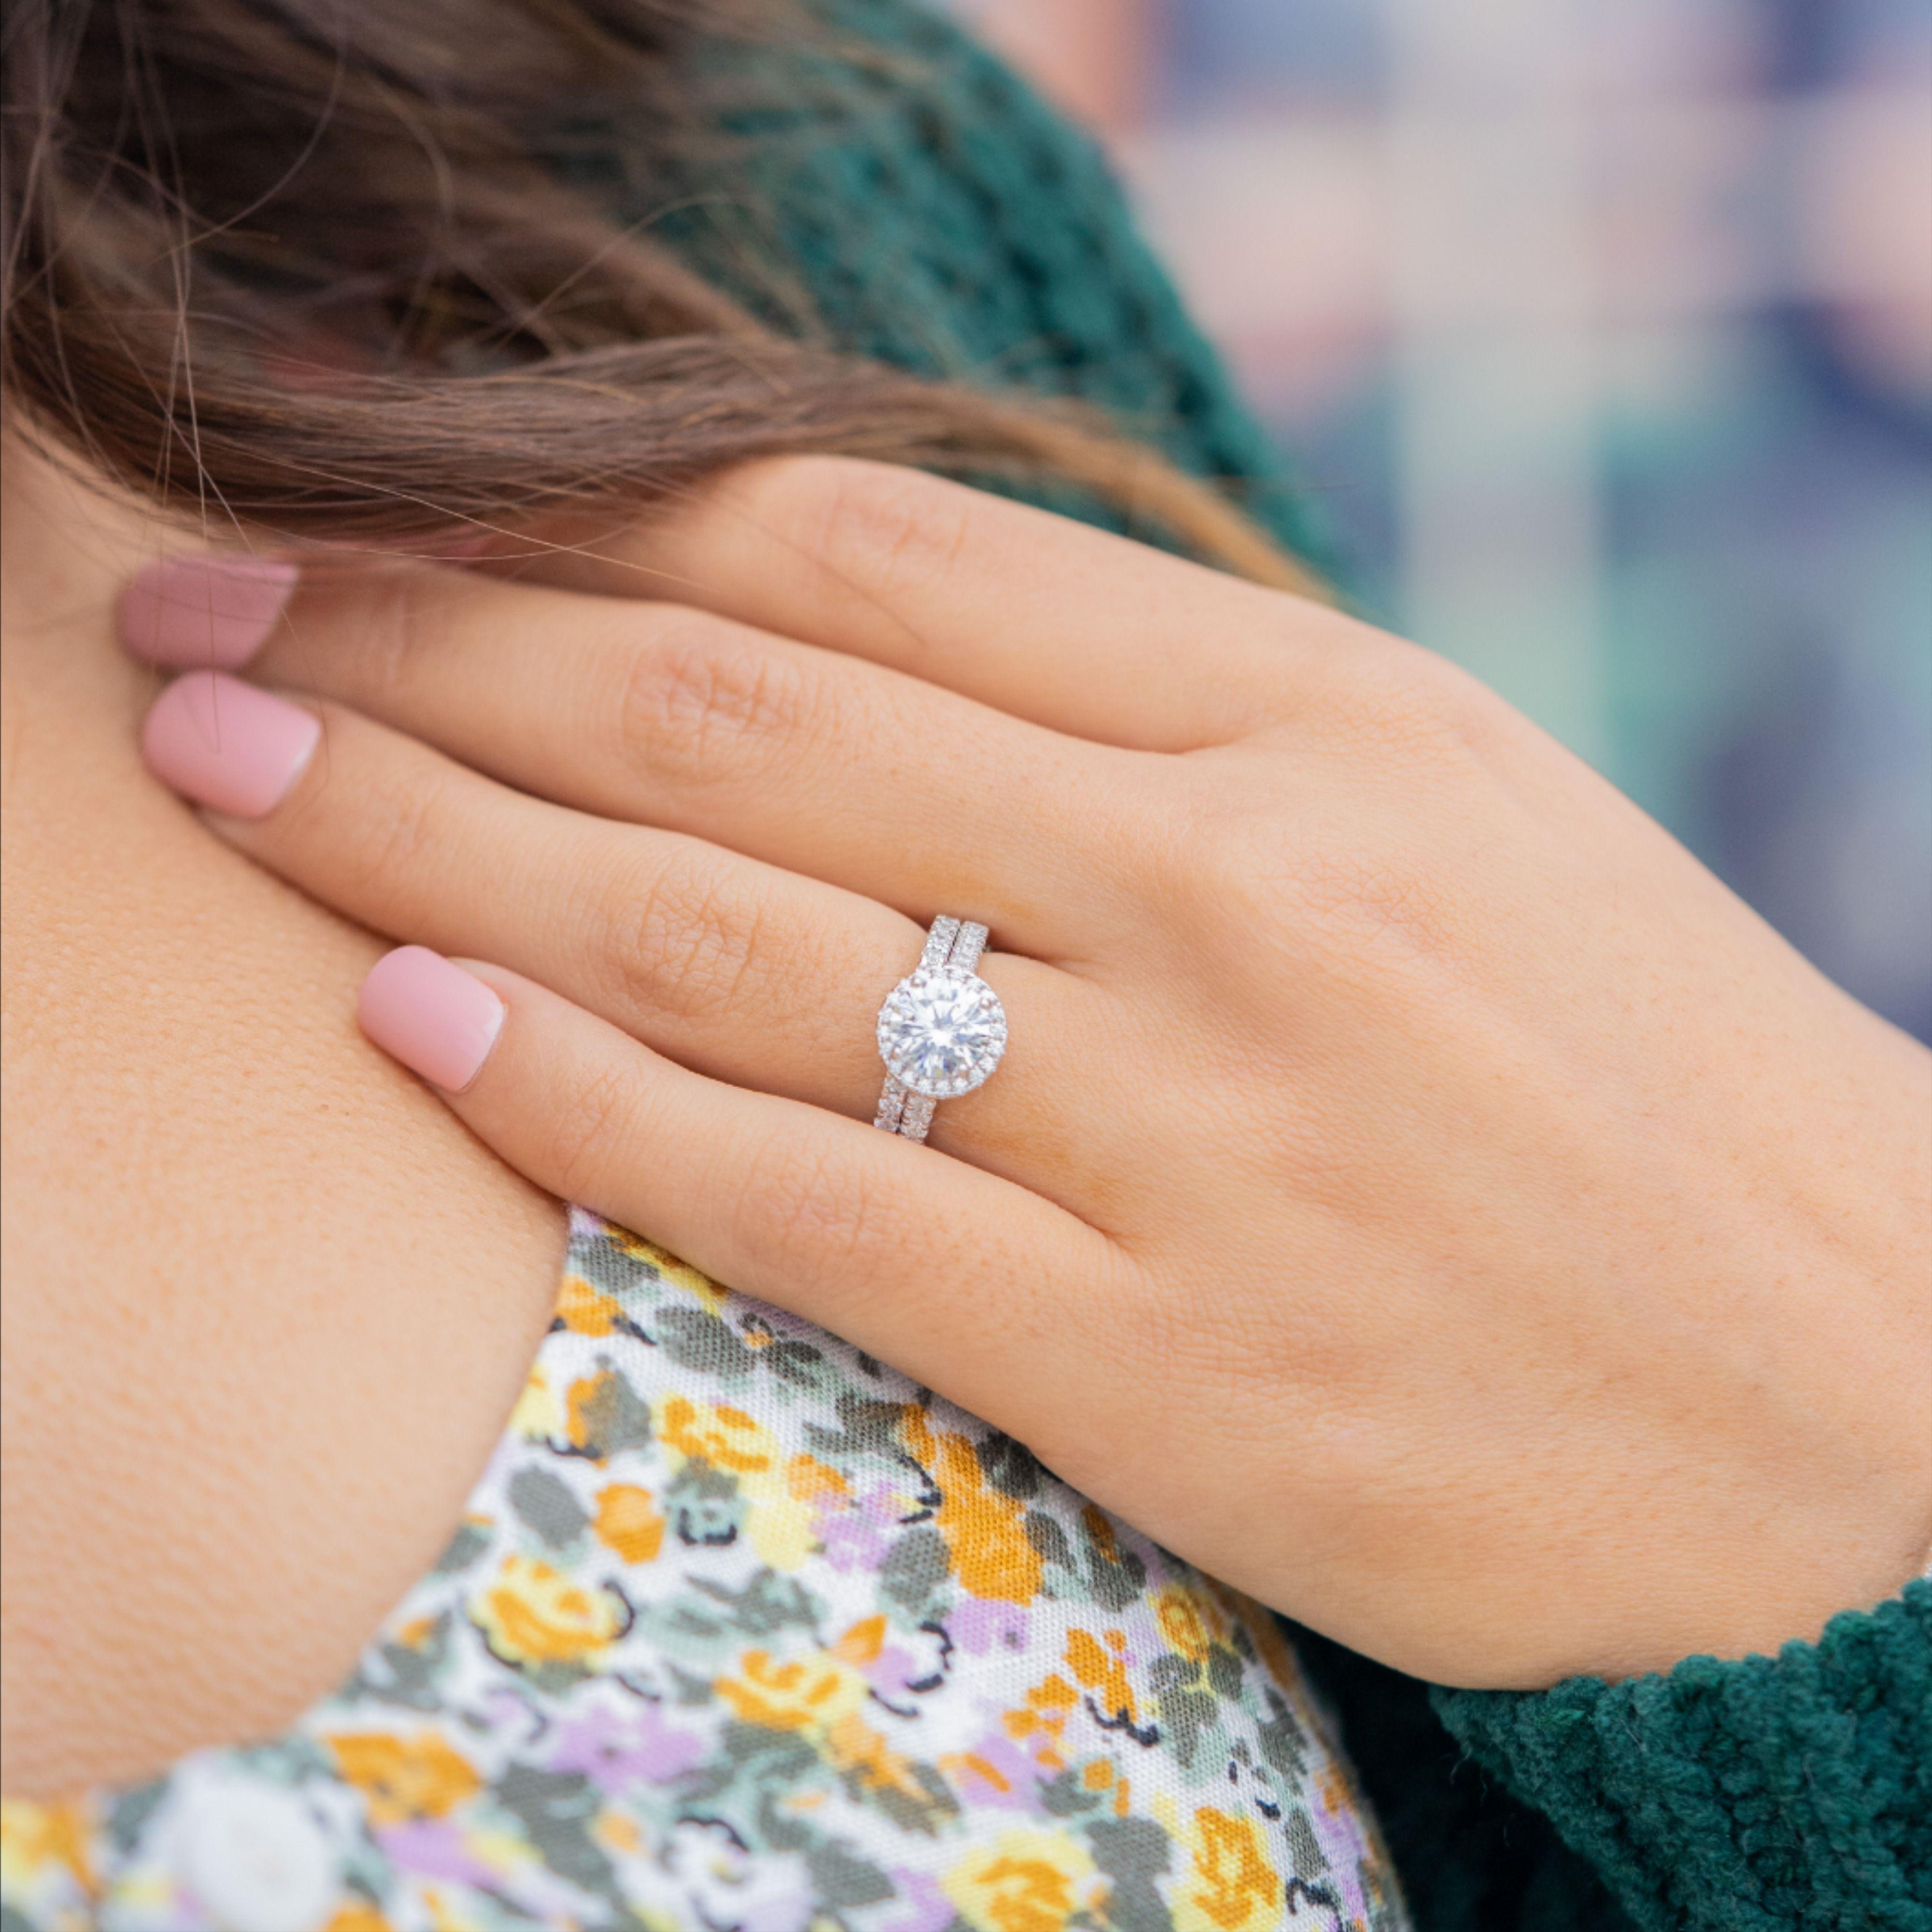 Women S Wedding Bands Simple Women S Wedding Bands In 2020 Womens Wedding Bands Affordable Wedding Ring Set Affordable Wedding Ring